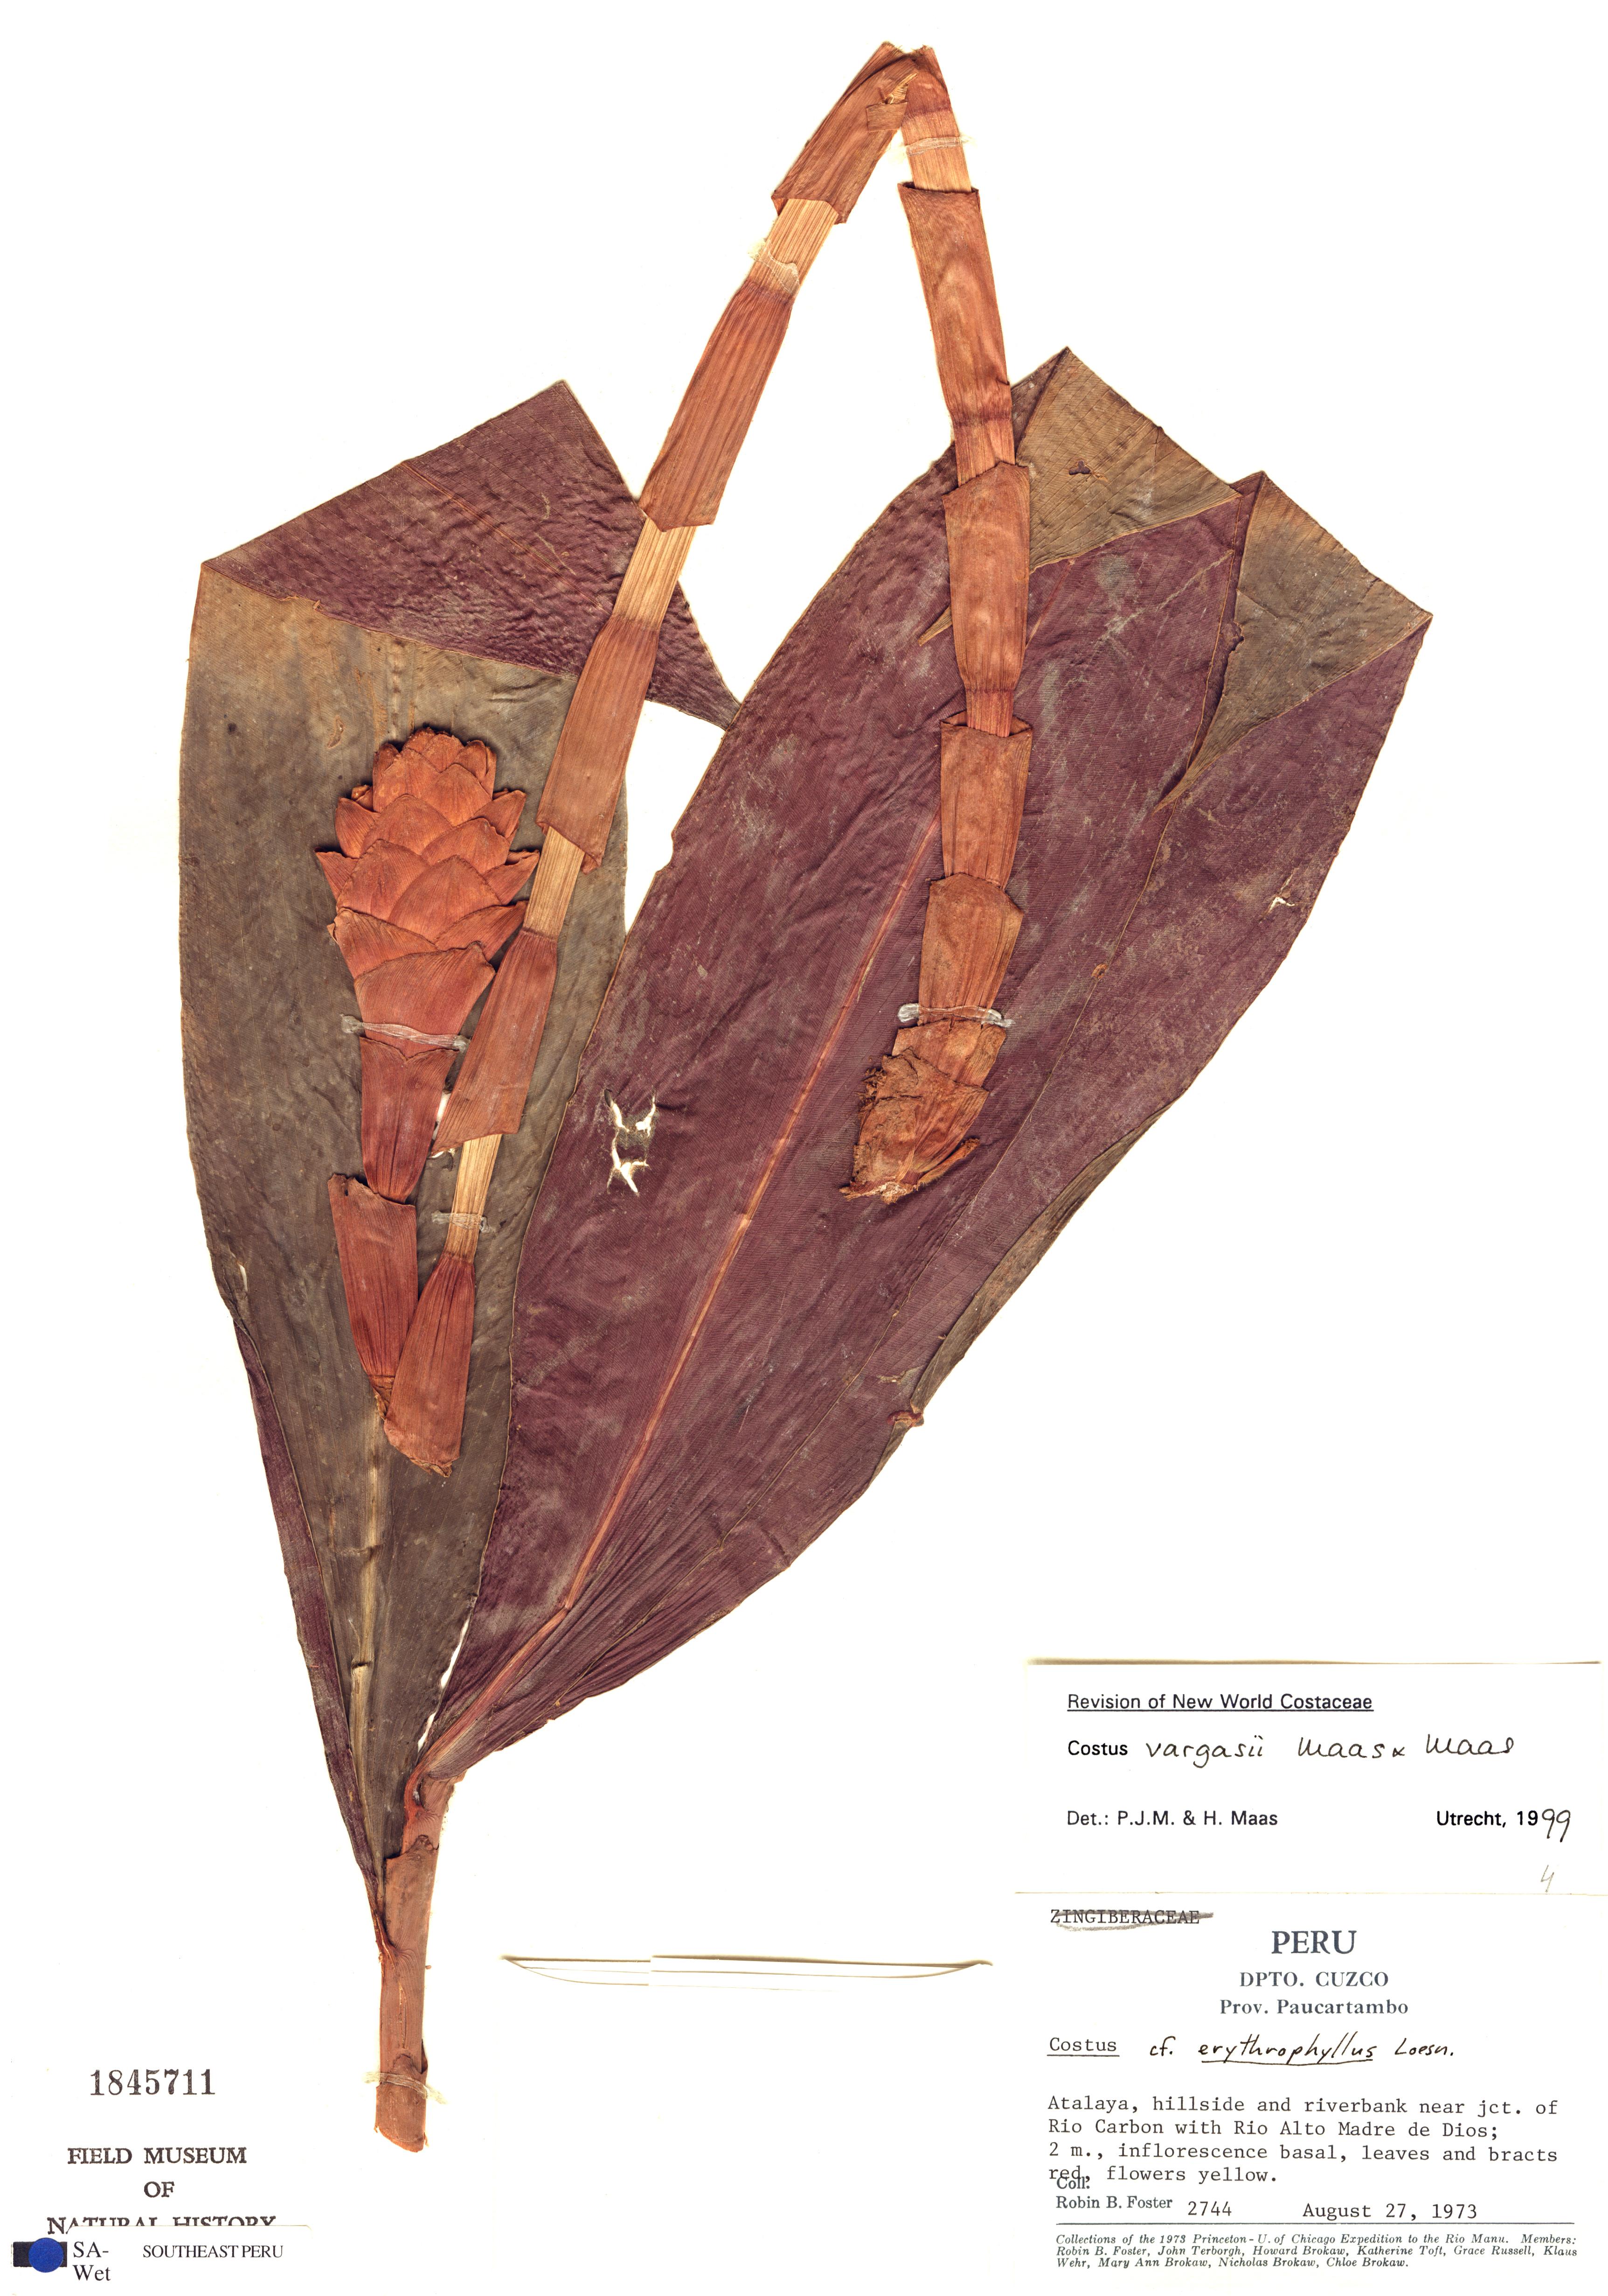 Specimen: Costus vargasii